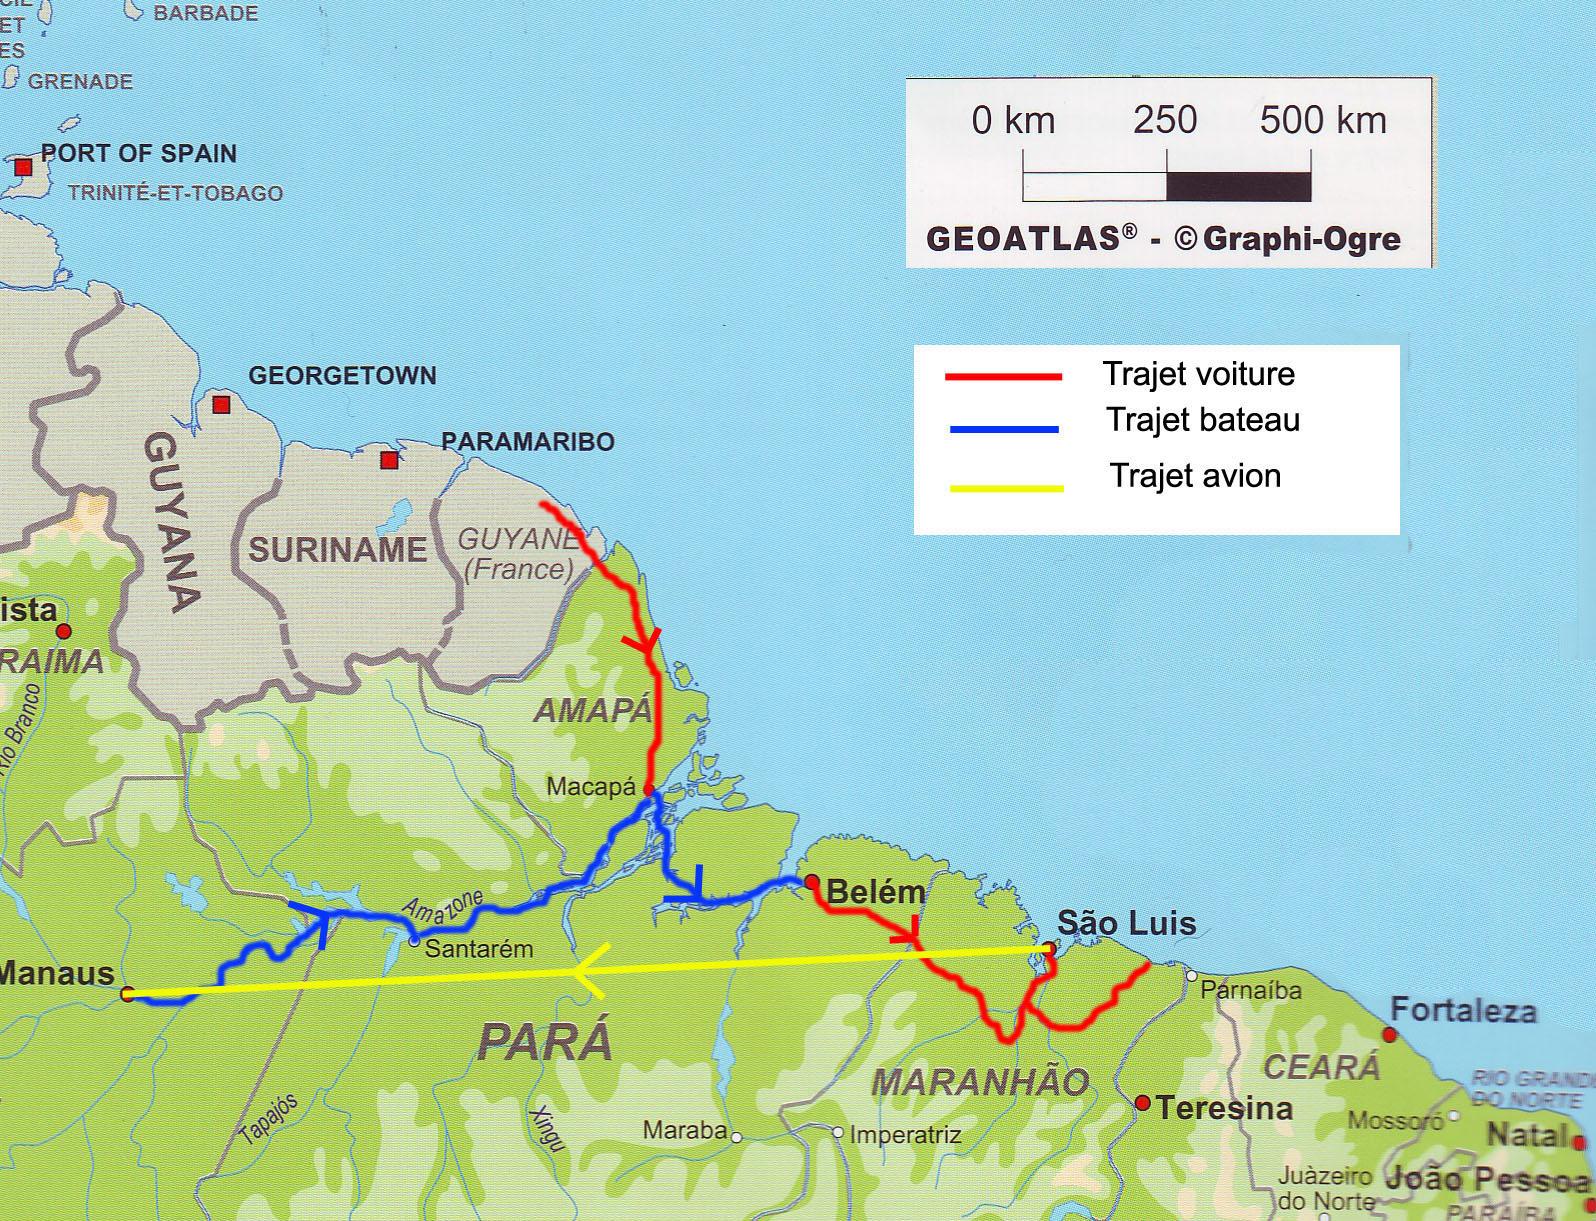 Carte Du Bresil Nordeste.Tour De L Amapa Et Du Nordeste